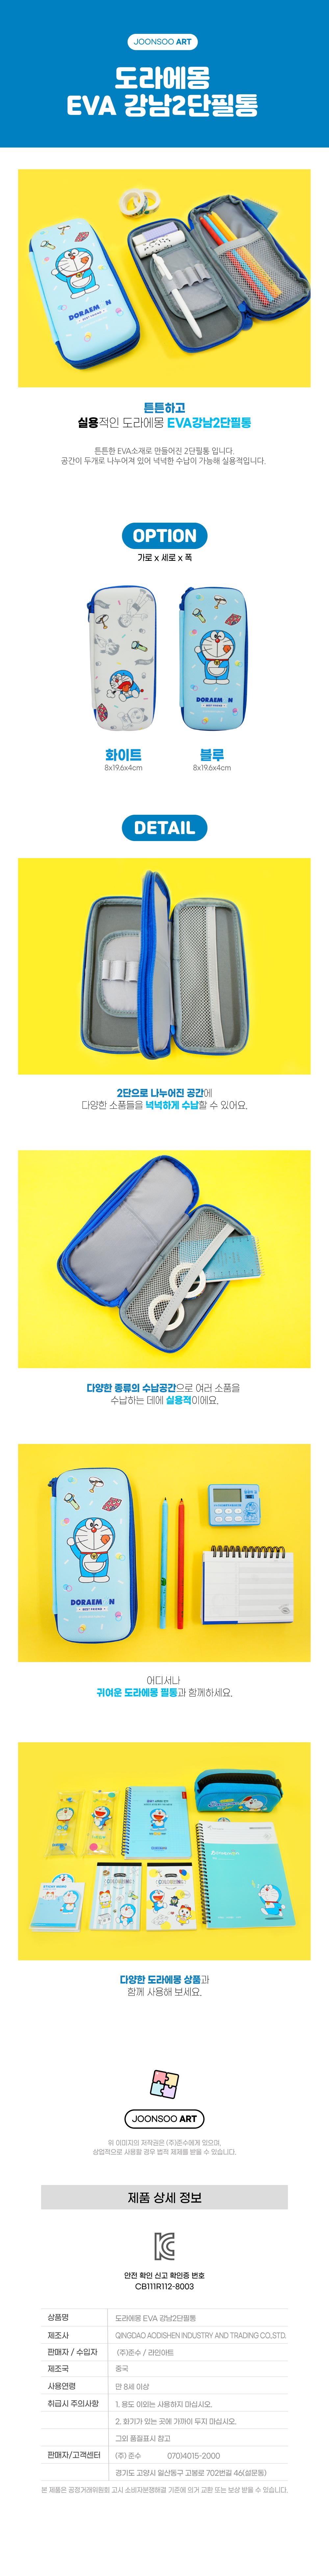 도라에몽 EVA강남2단필통 - 준수, 9,720원, 가죽/합성피혁필통, 캐릭터